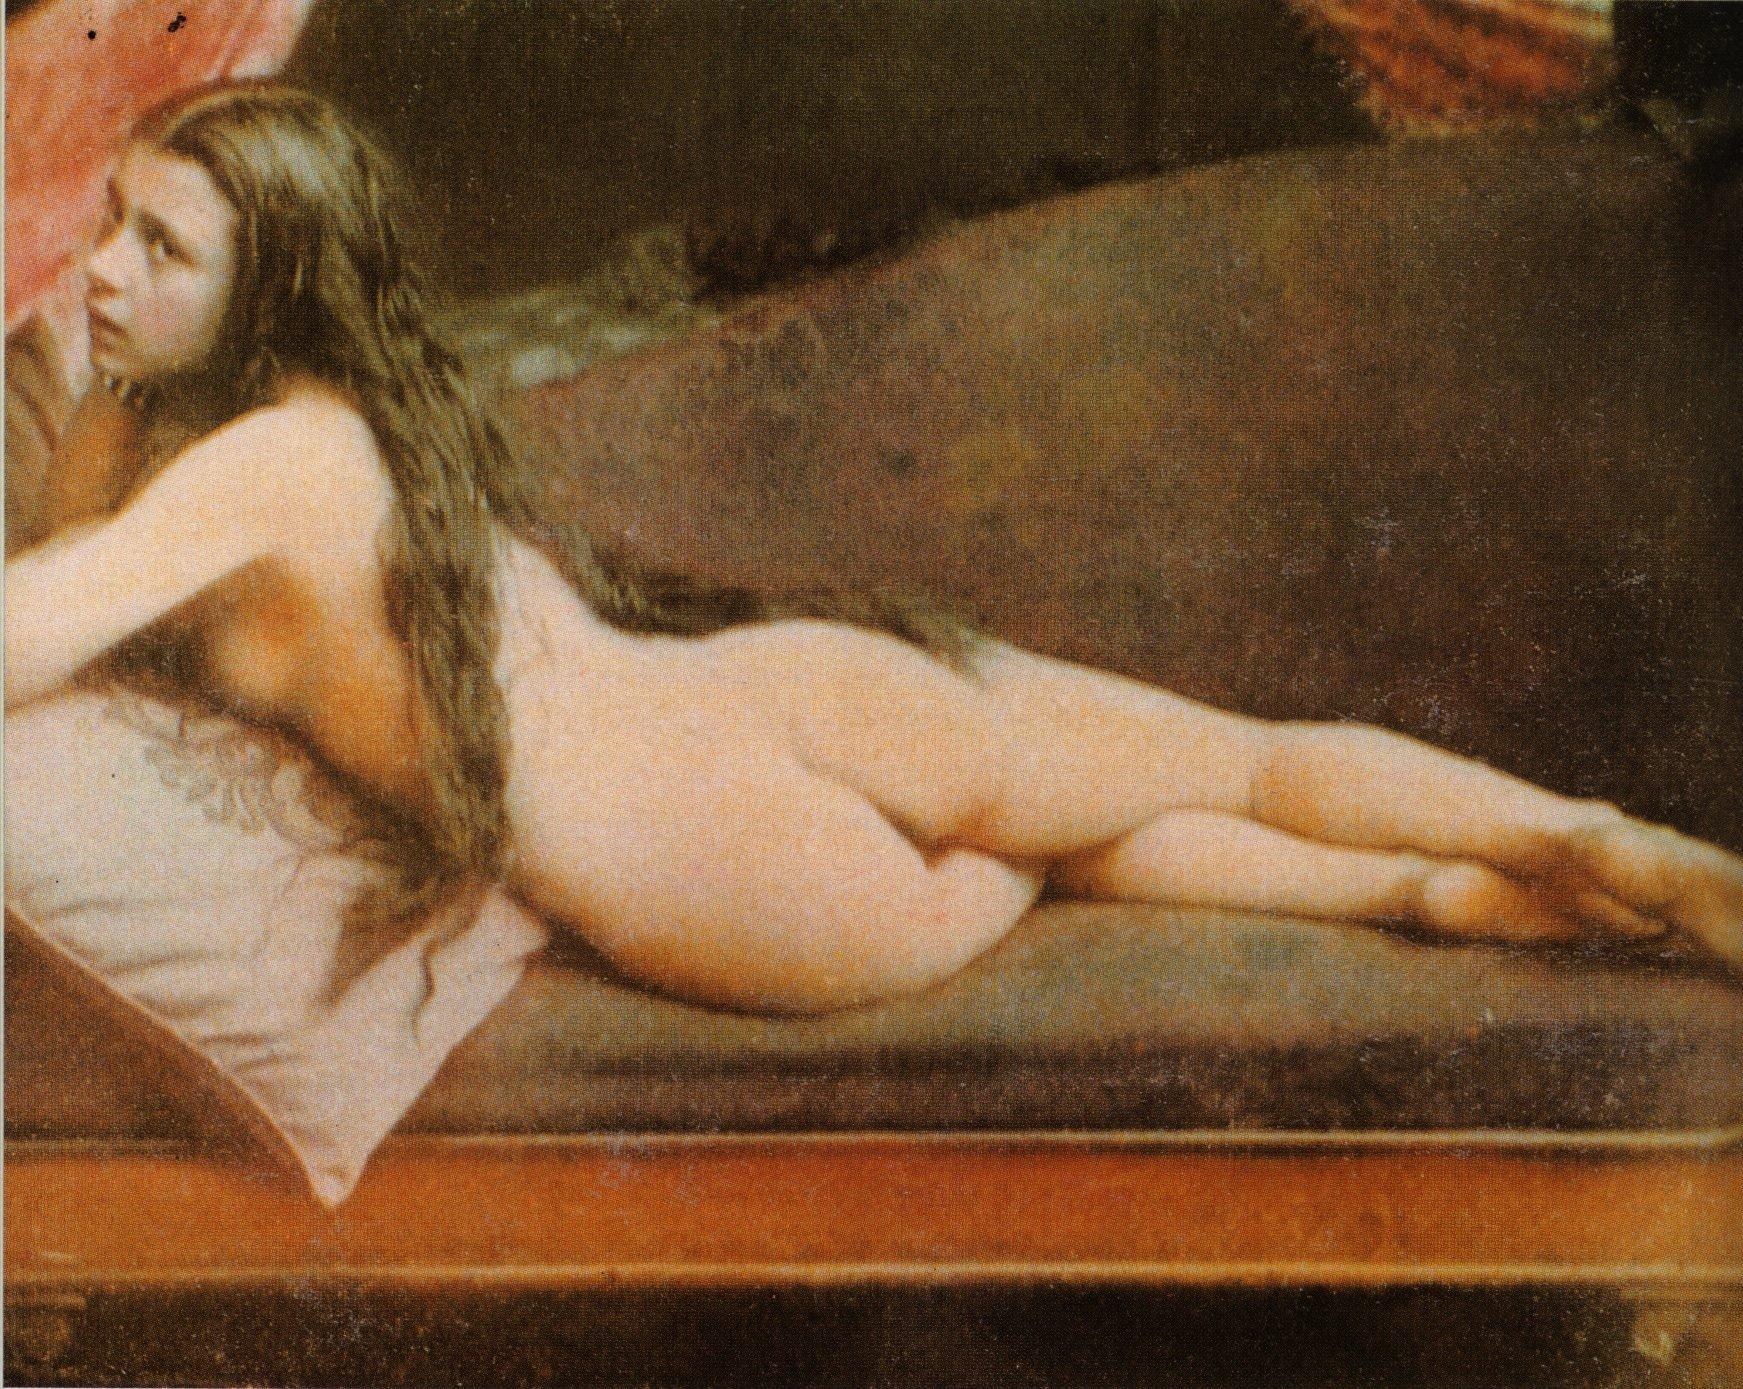 Erotic scene rapidshare